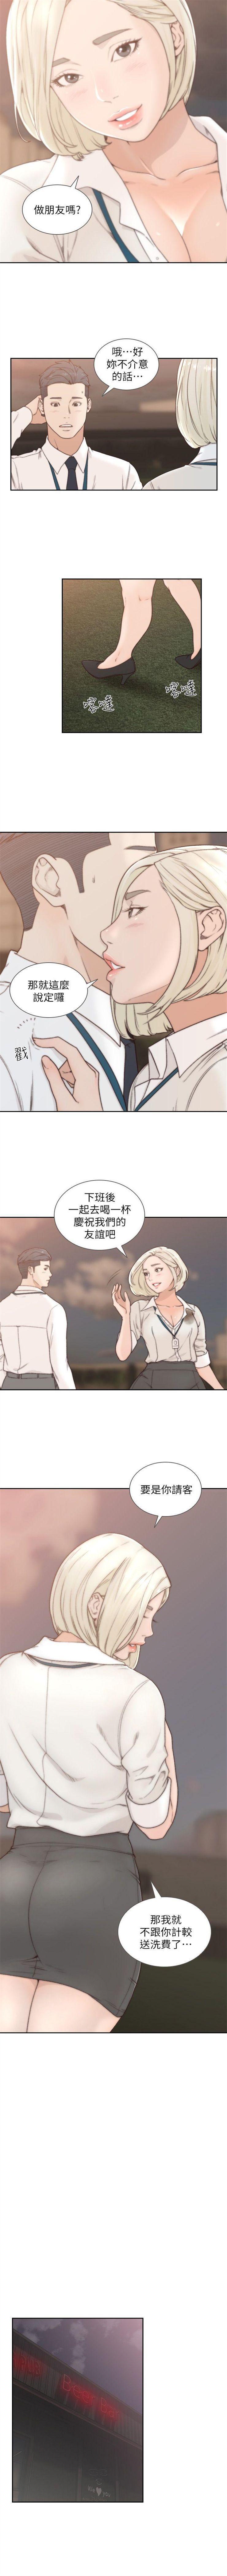 前女友 1-48 中文翻译(更新中) 22